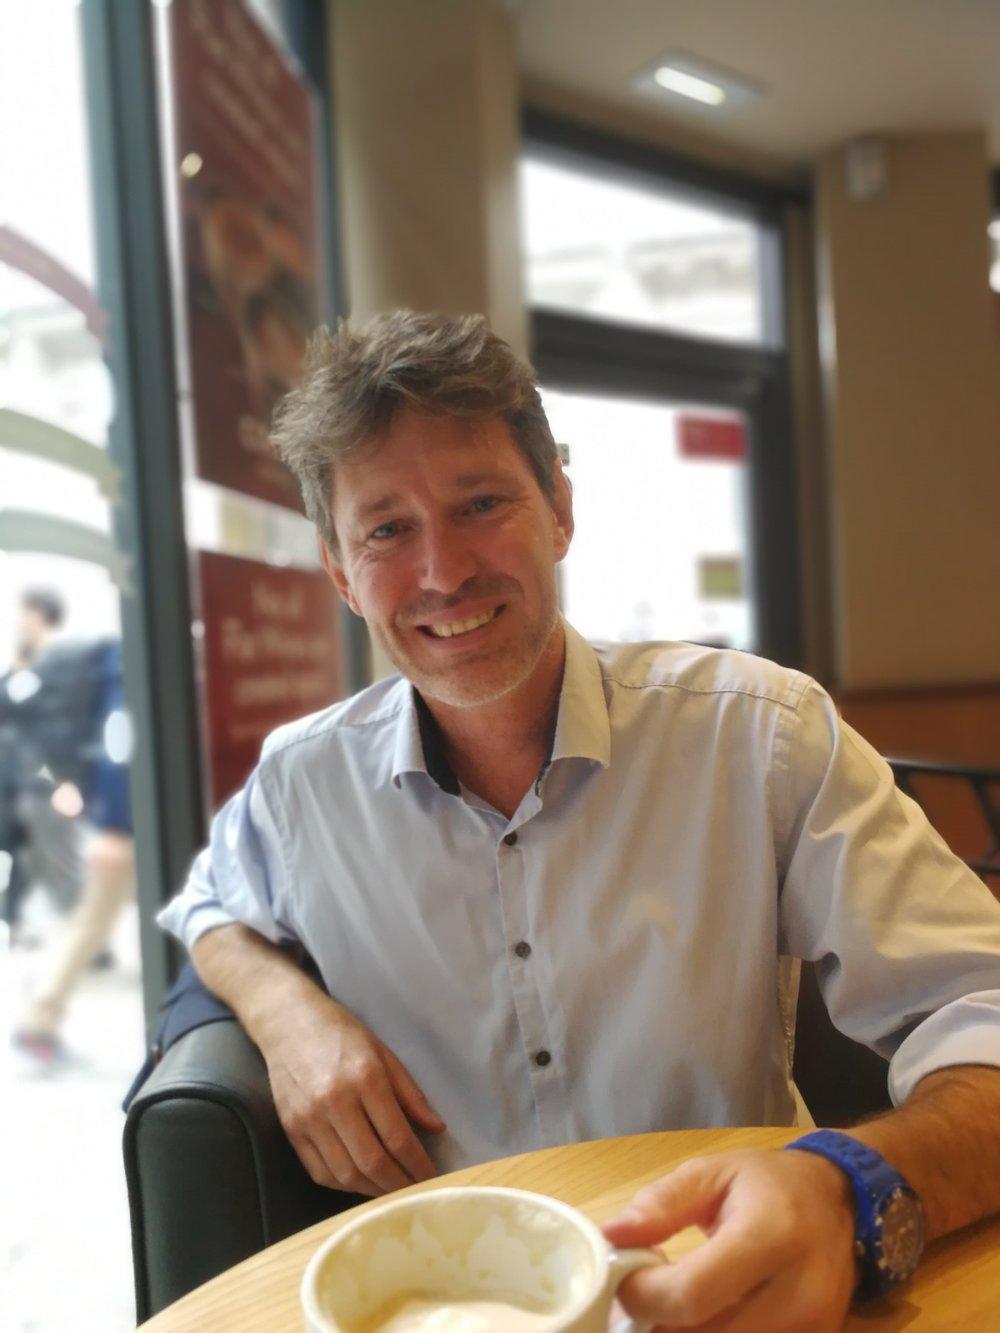 Gavin Colborne, Founder of the web governance platform Little Forest. Photo by Janus Boye while in London, September 2018